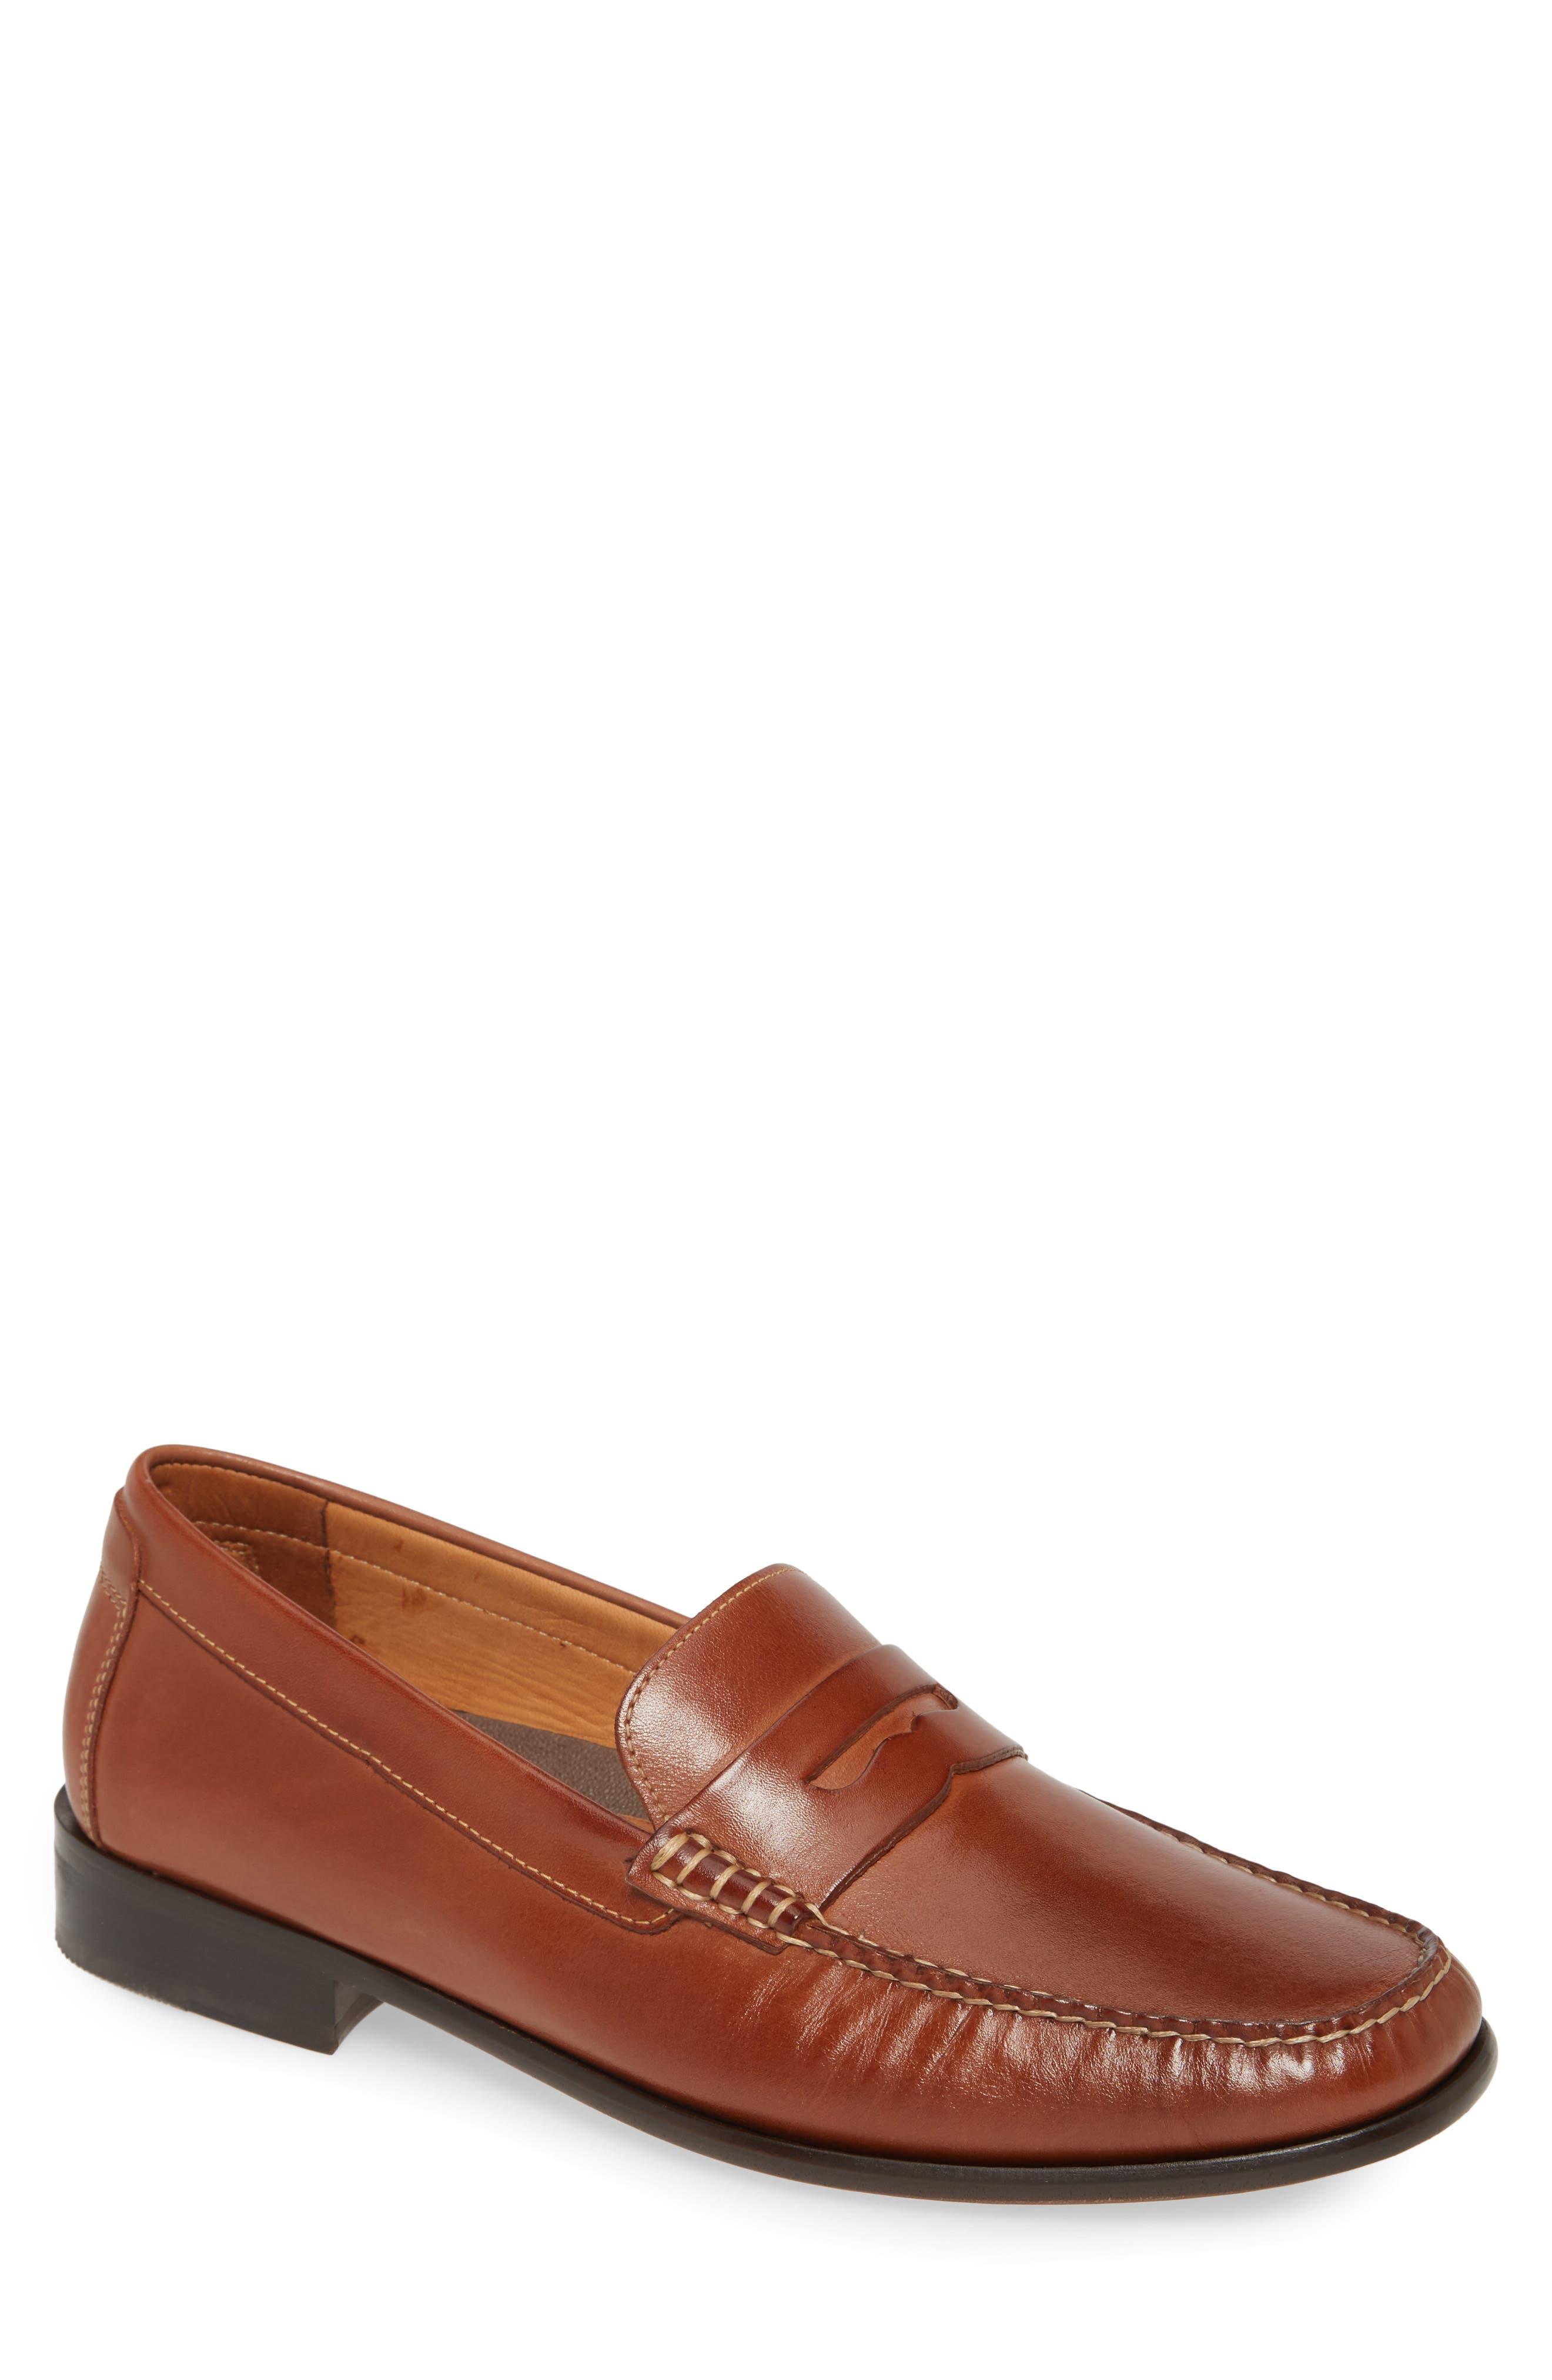 Men's Johnston \u0026 Murphy Shoes Sale